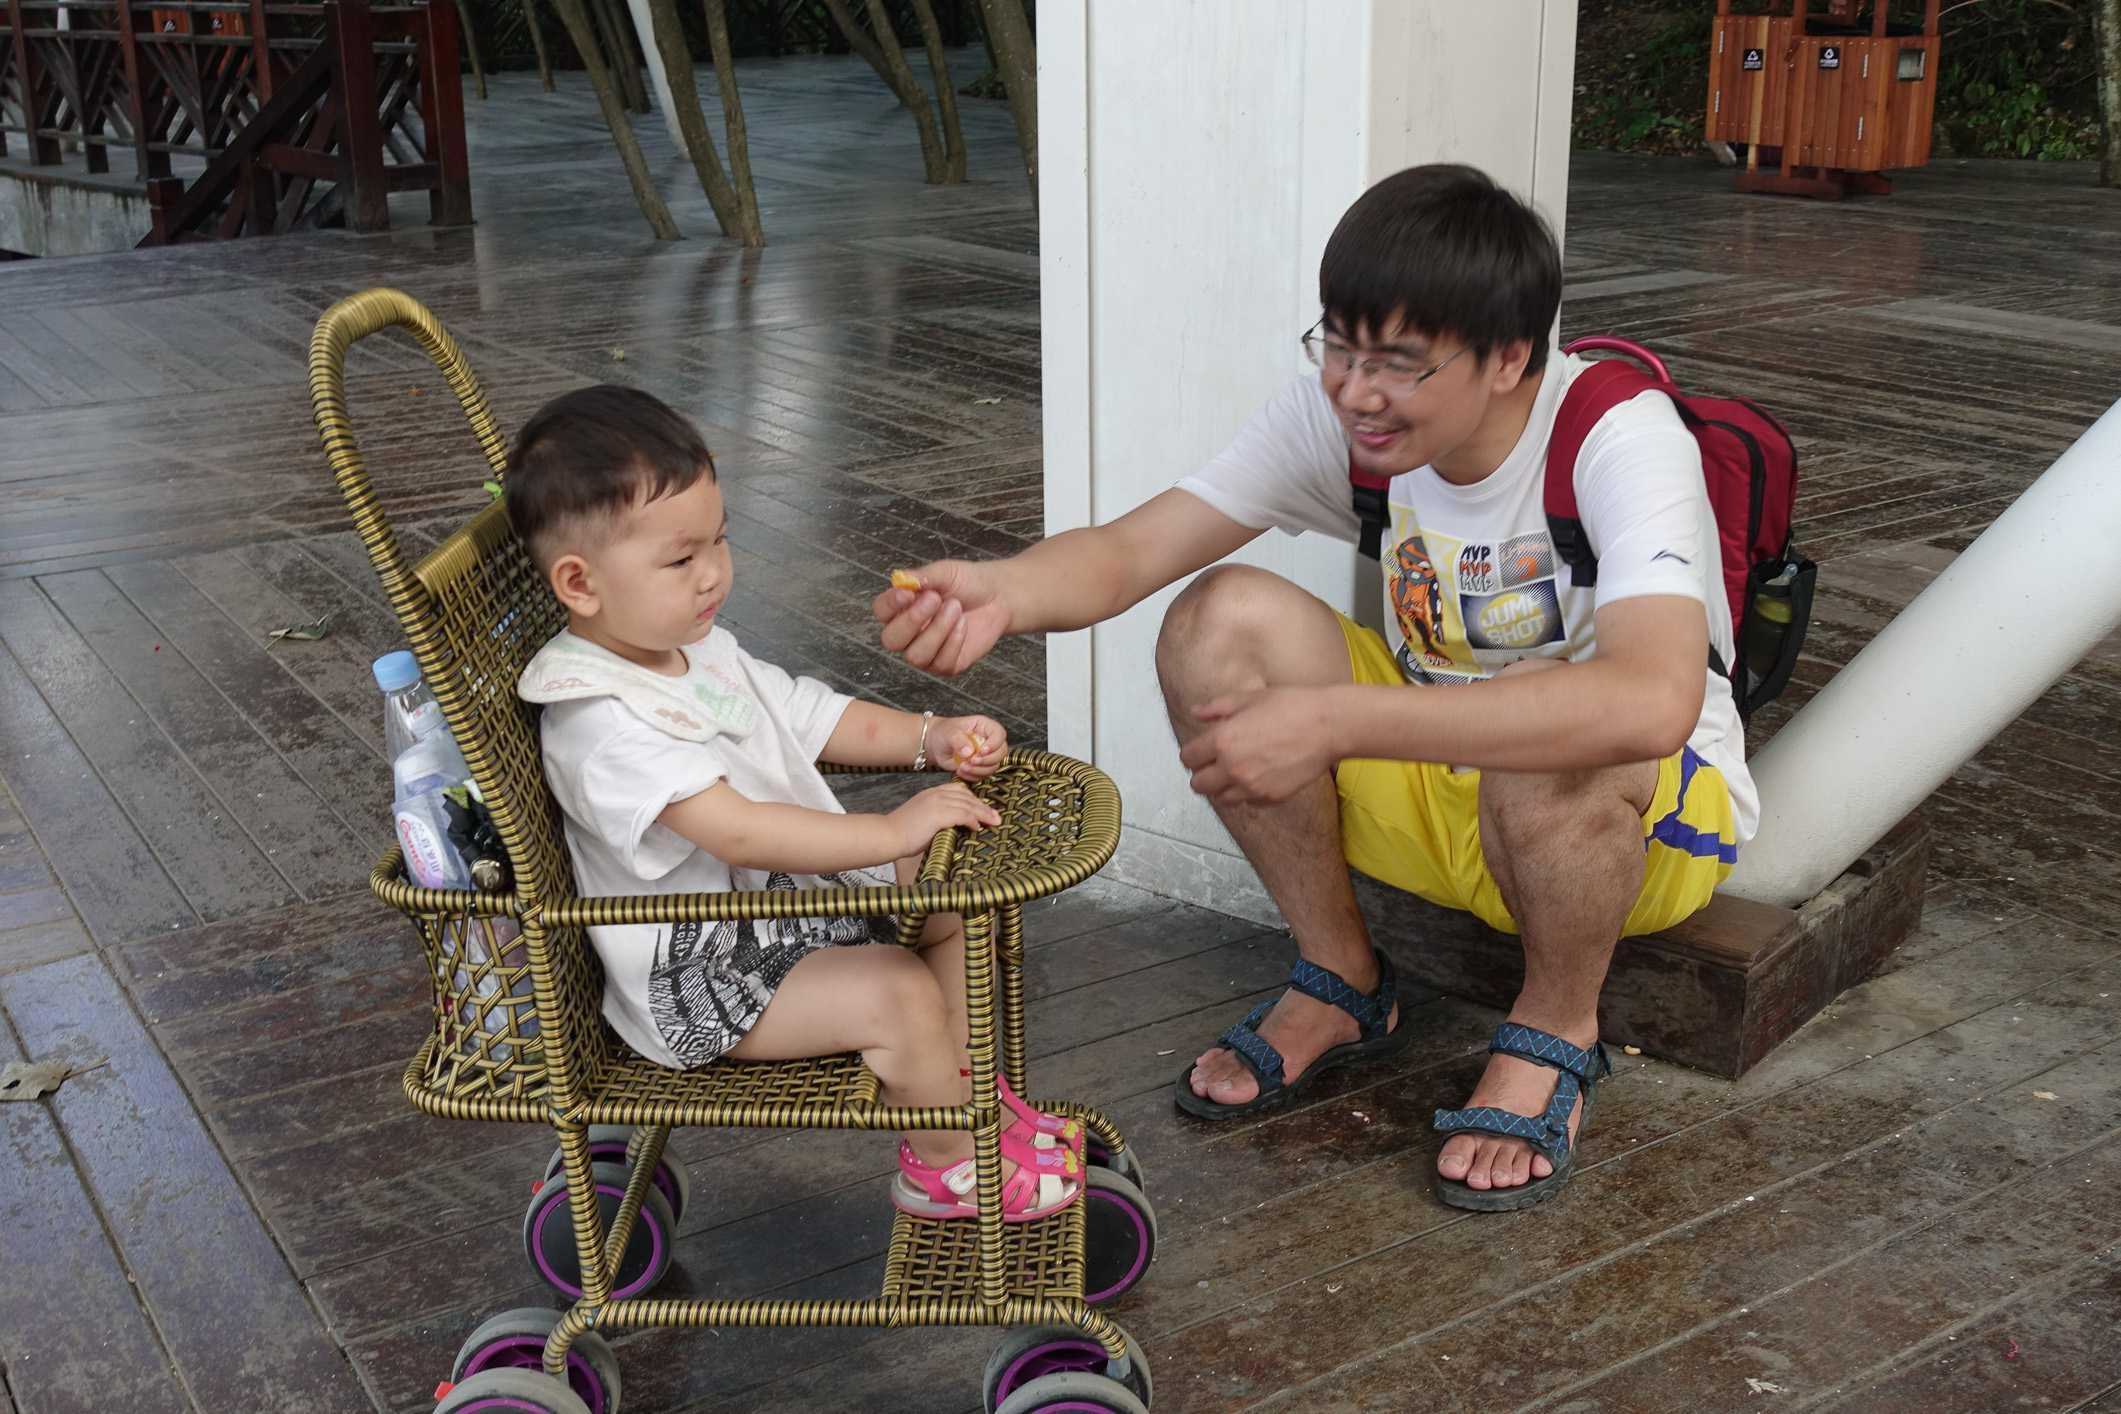 Kids in strollers